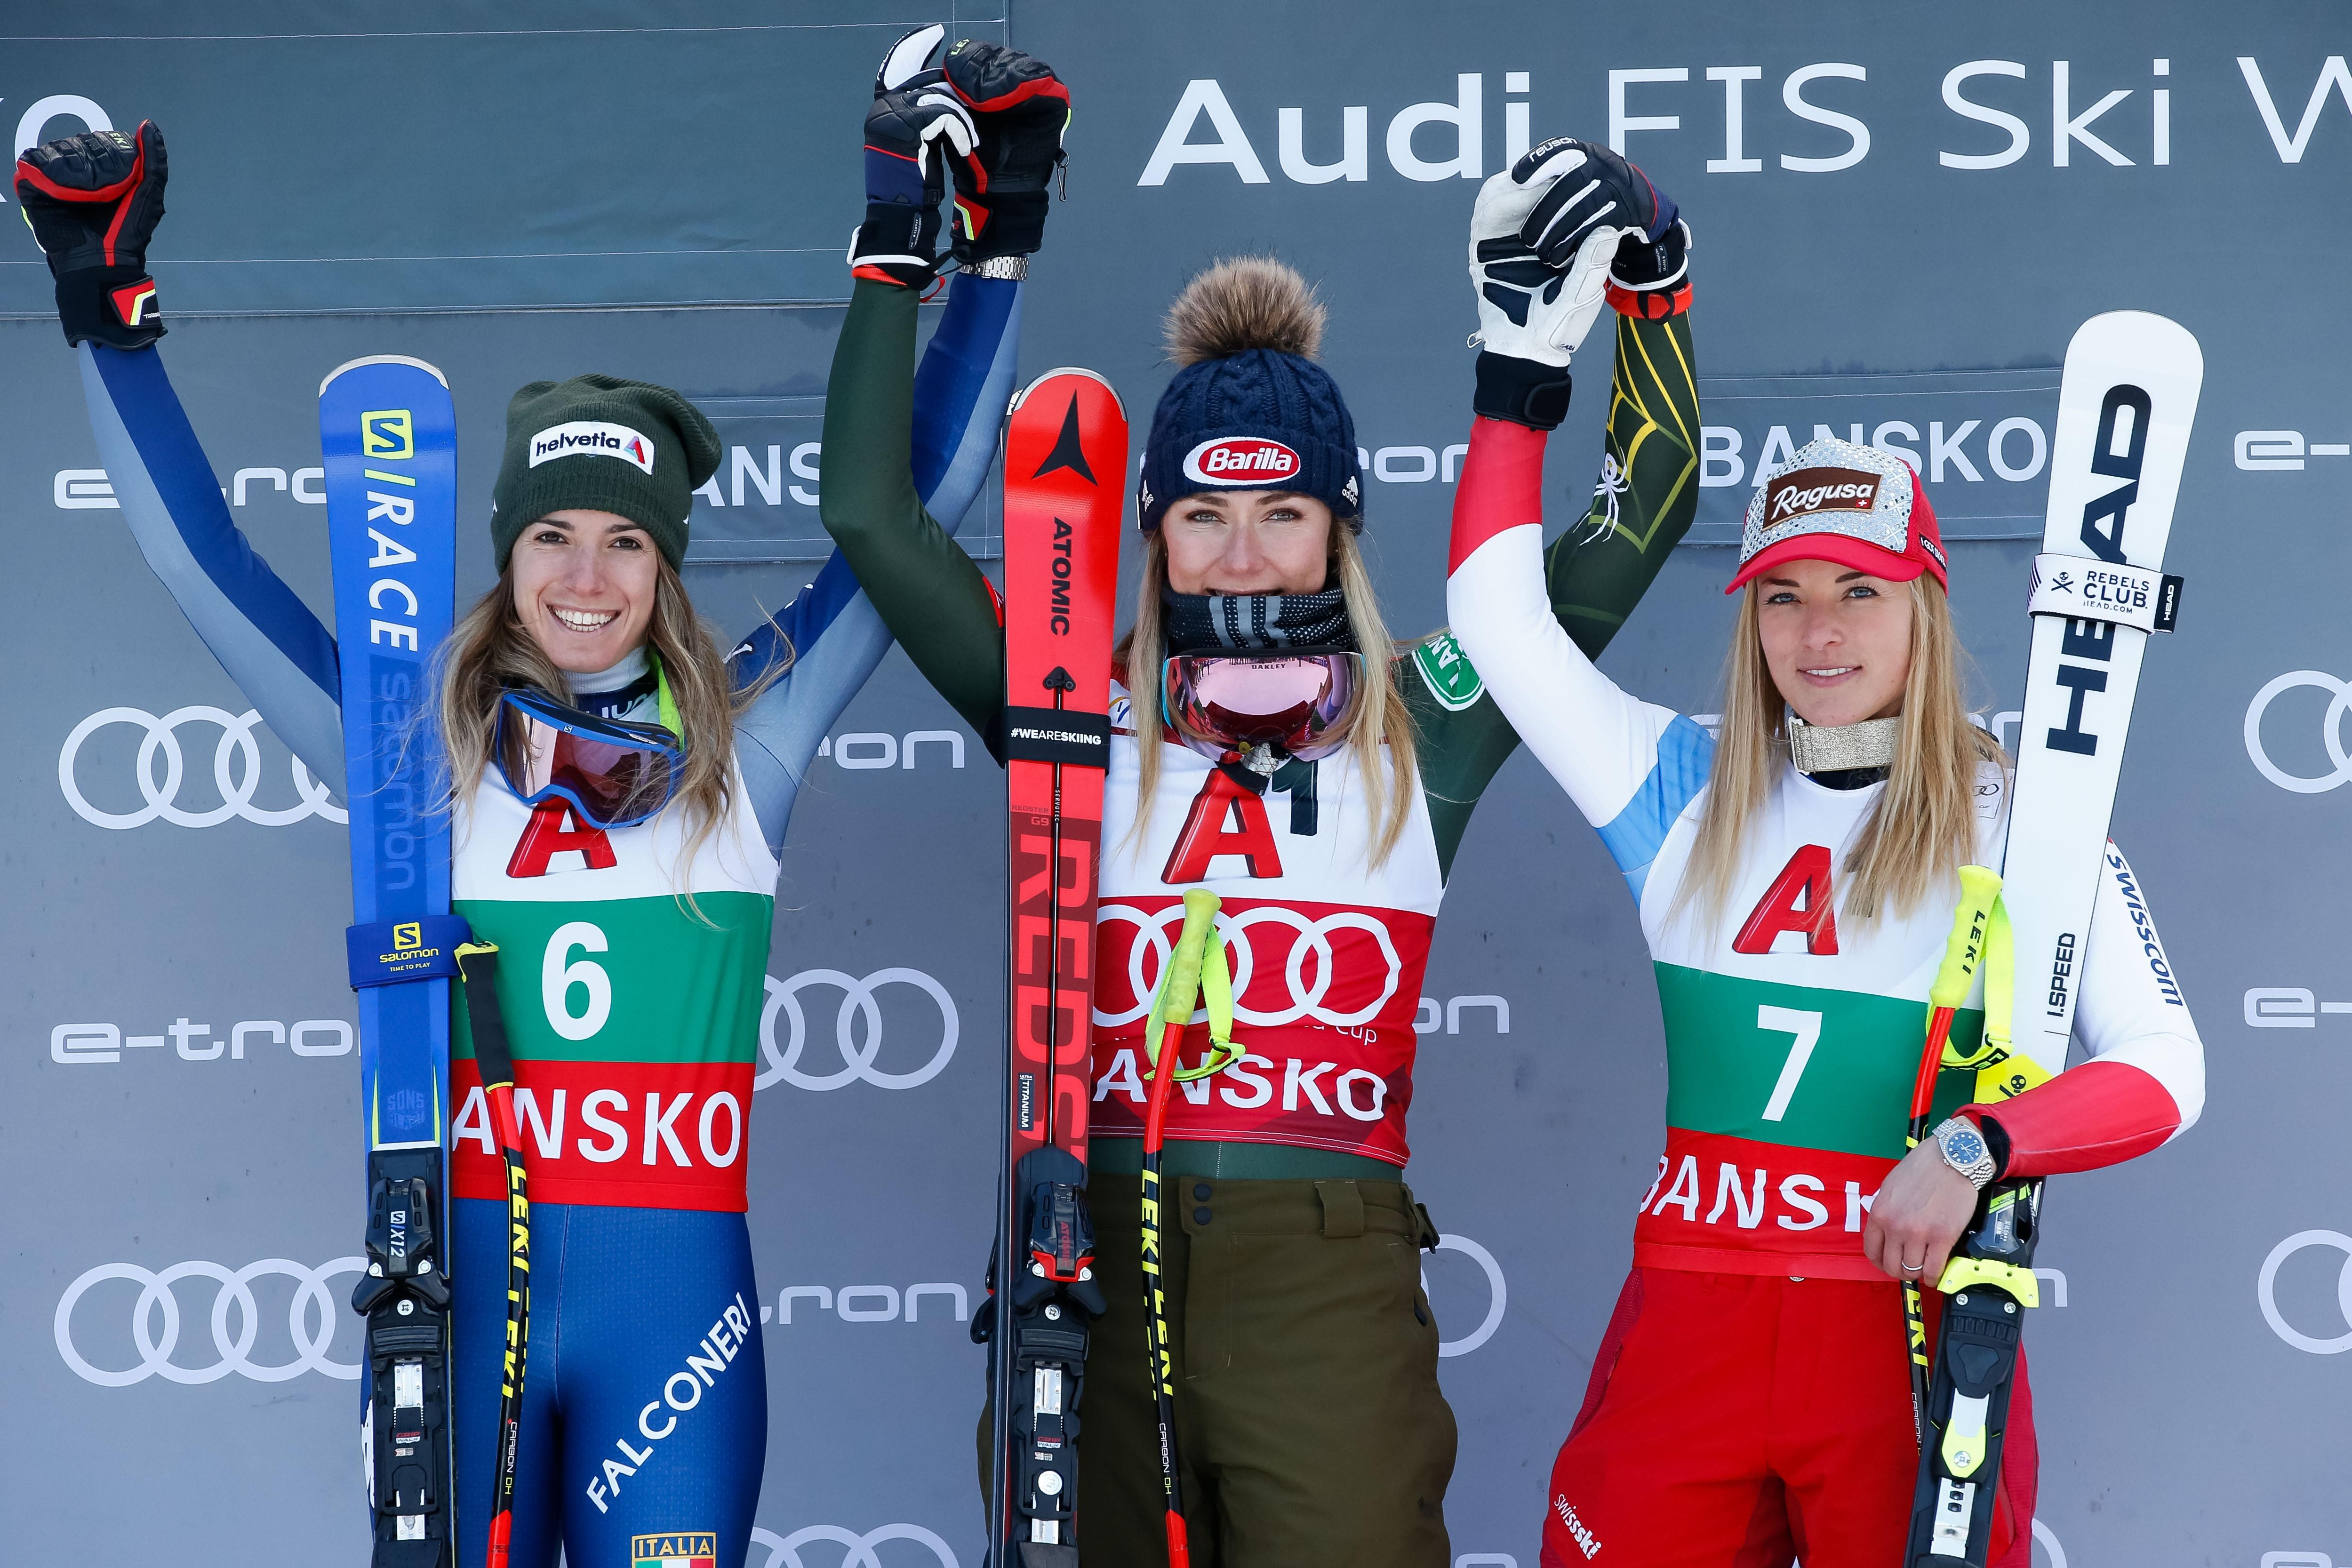 24-годишната американска звезда в алпийски ски Микаела Шифрин реши да